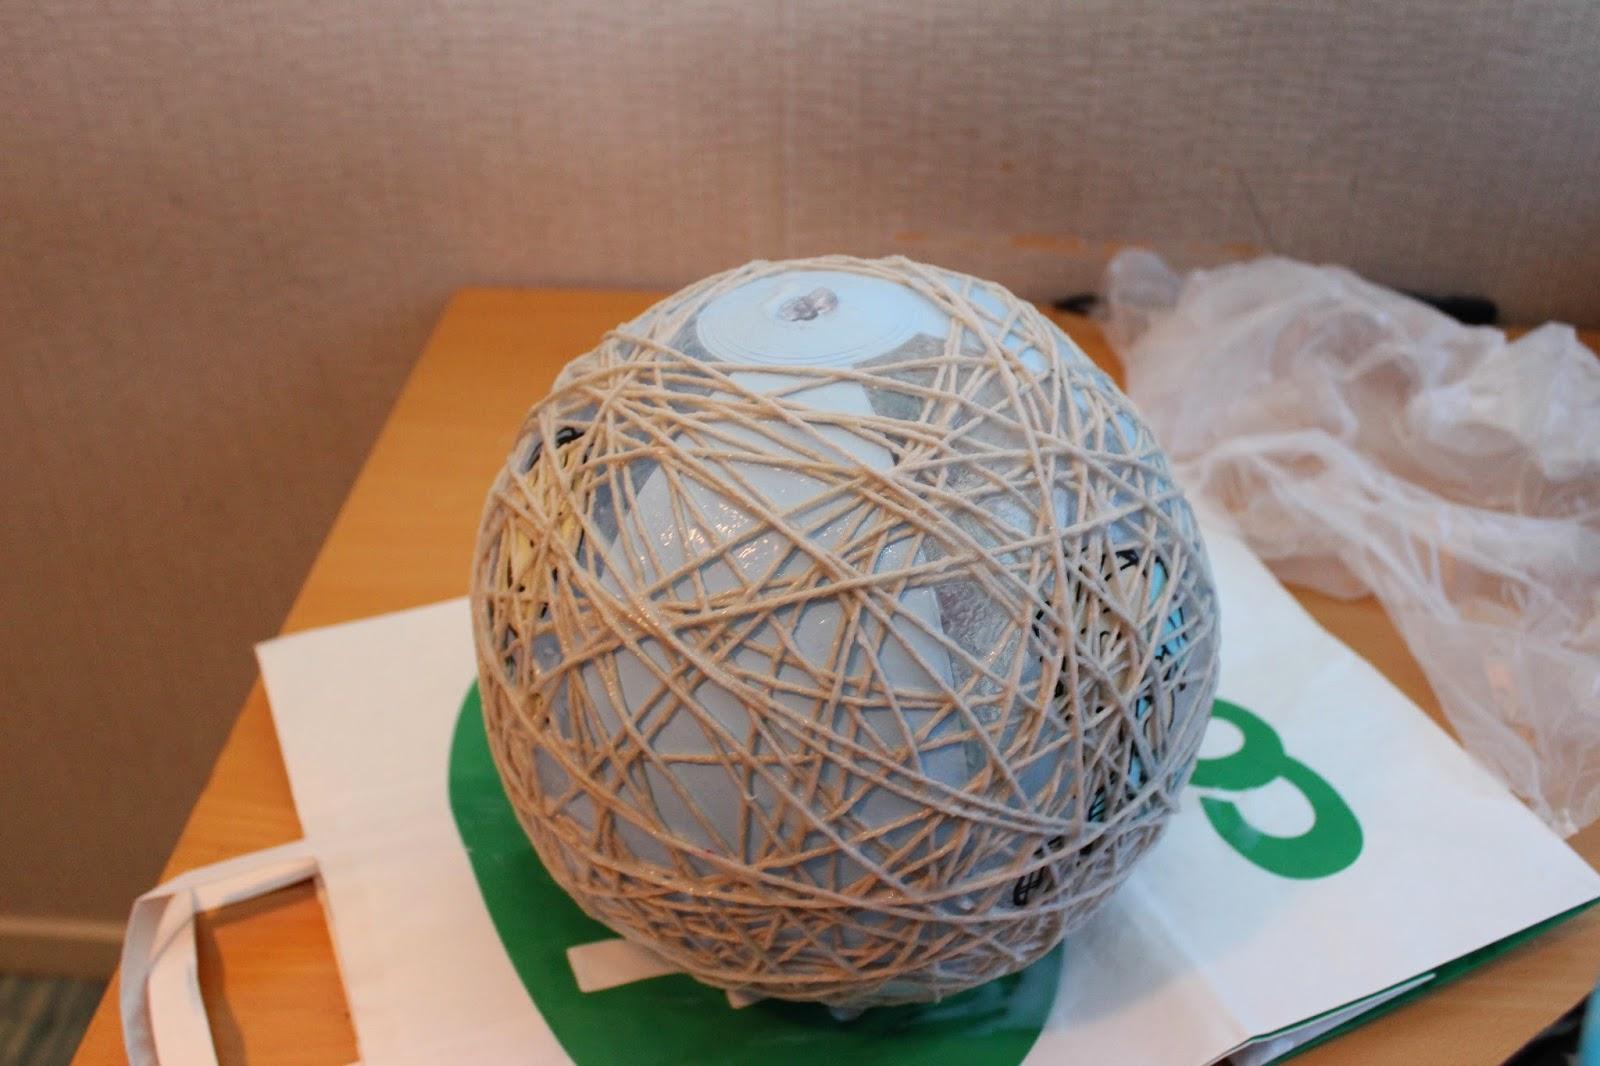 Snöre lindas runt en badboll för att göra planetlampor.